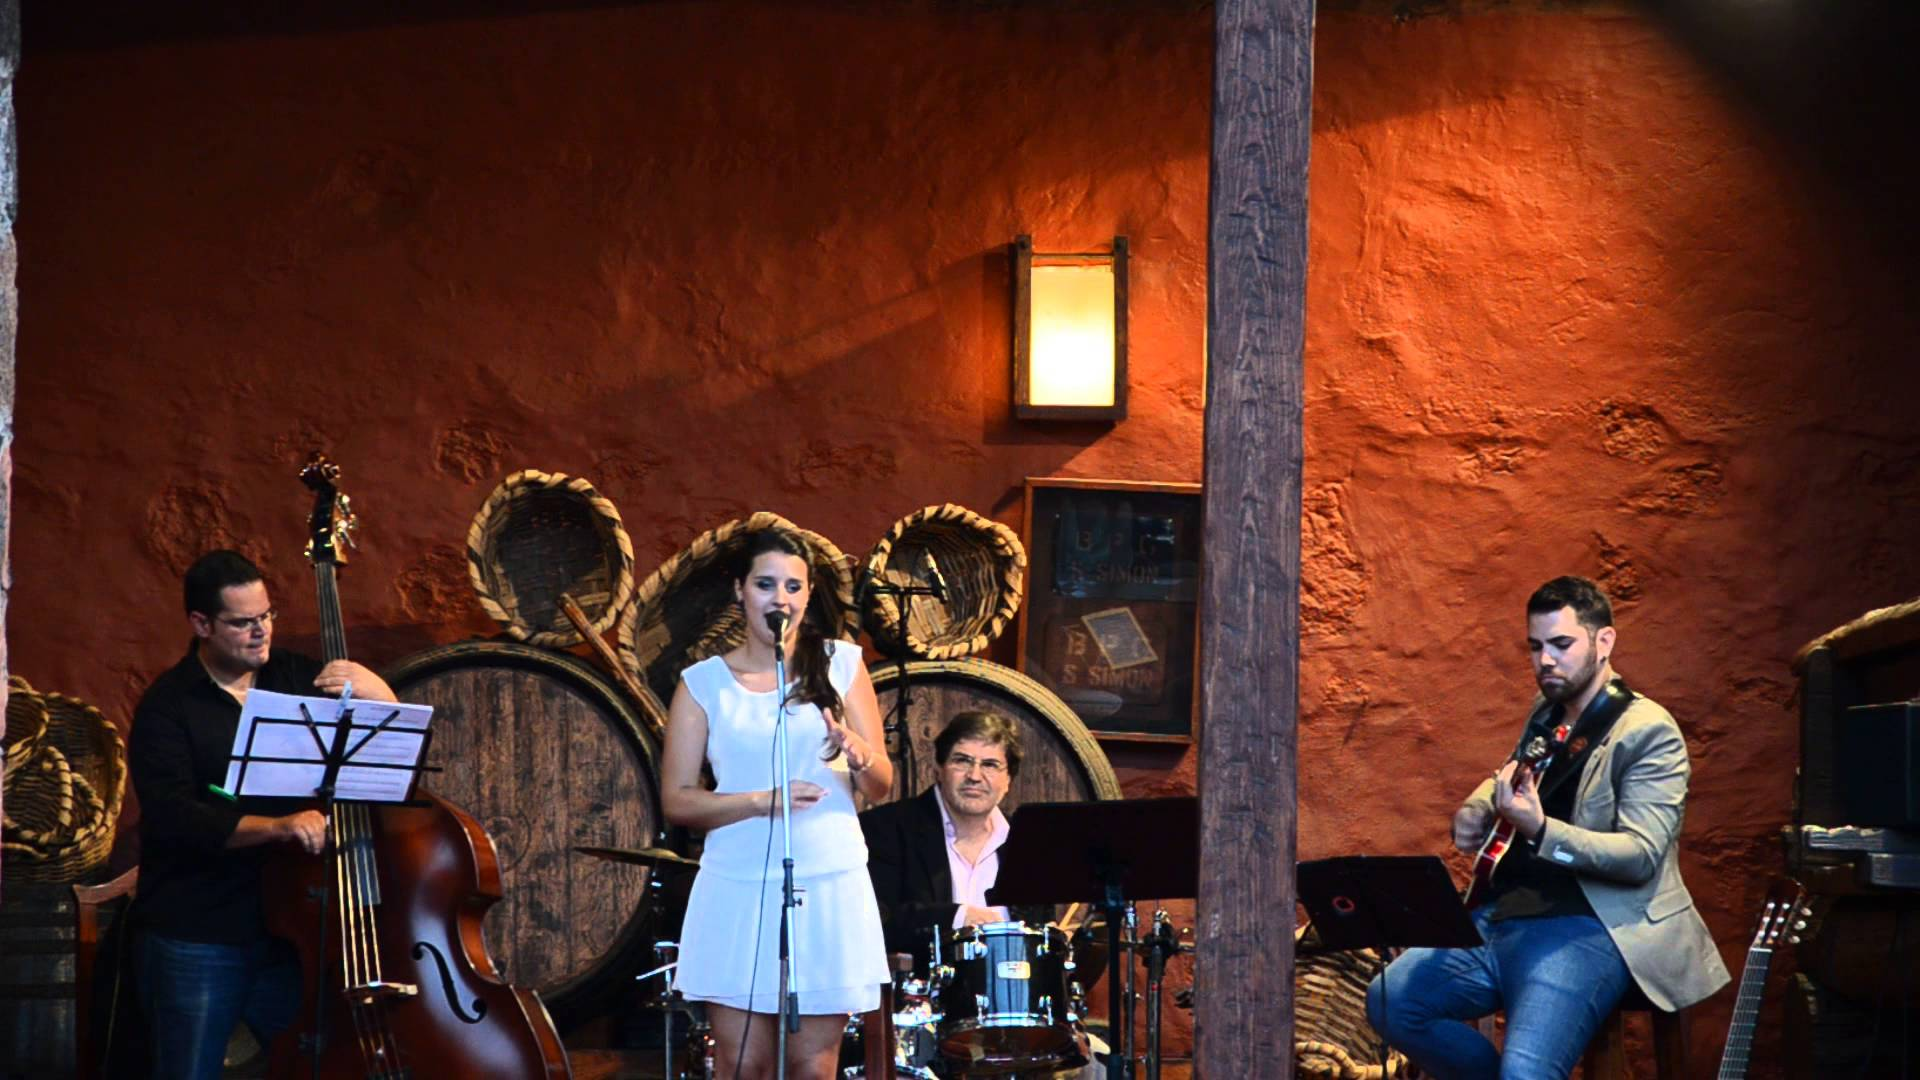 Especial concierto de Navijazz en La Casa del Vino (El Sauzal, Tenerife)